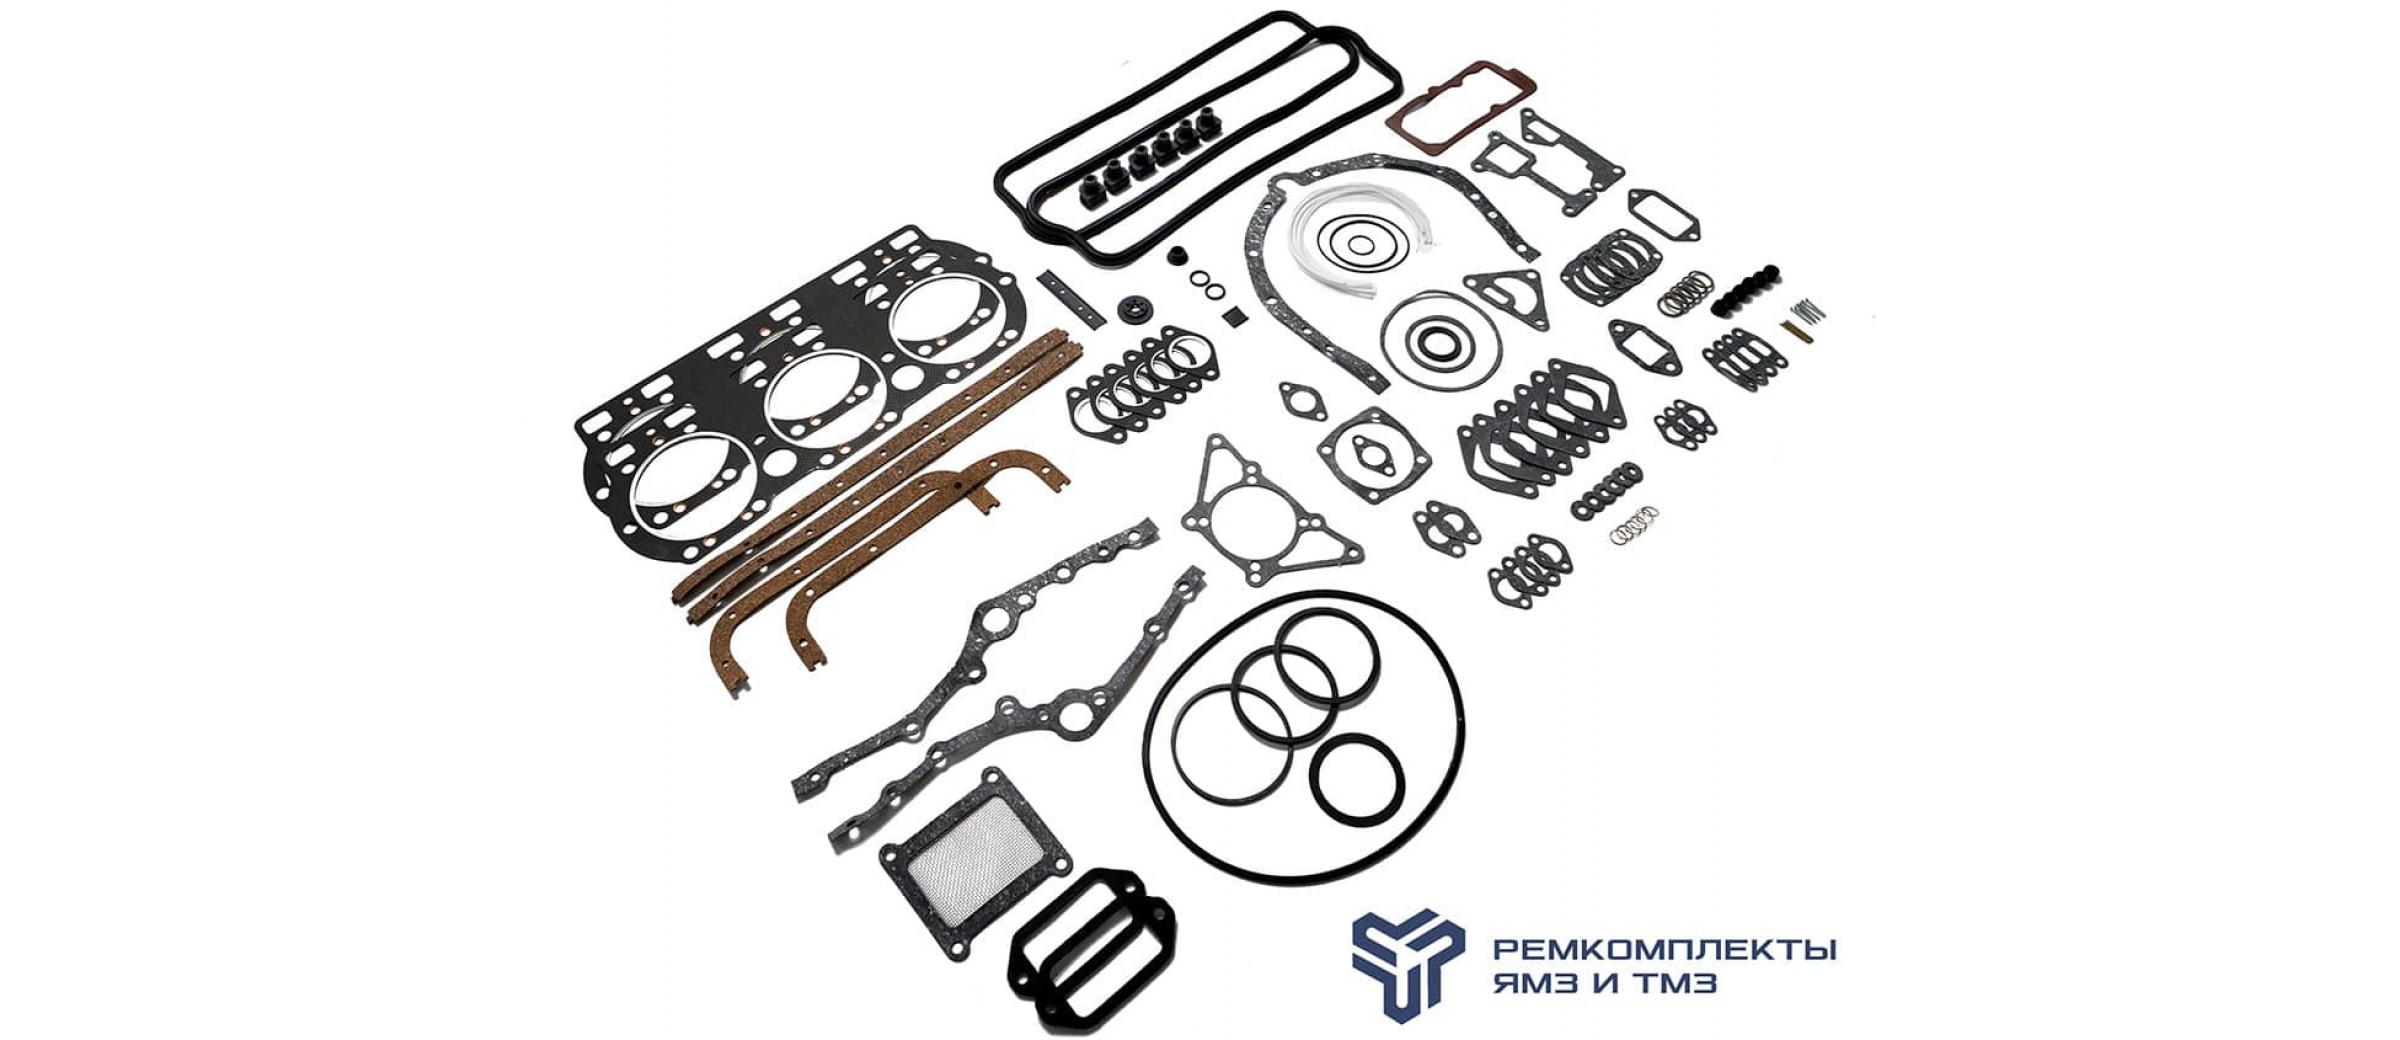 Ремкомплект для ремонта двигателя ЯМЗ-236 М2